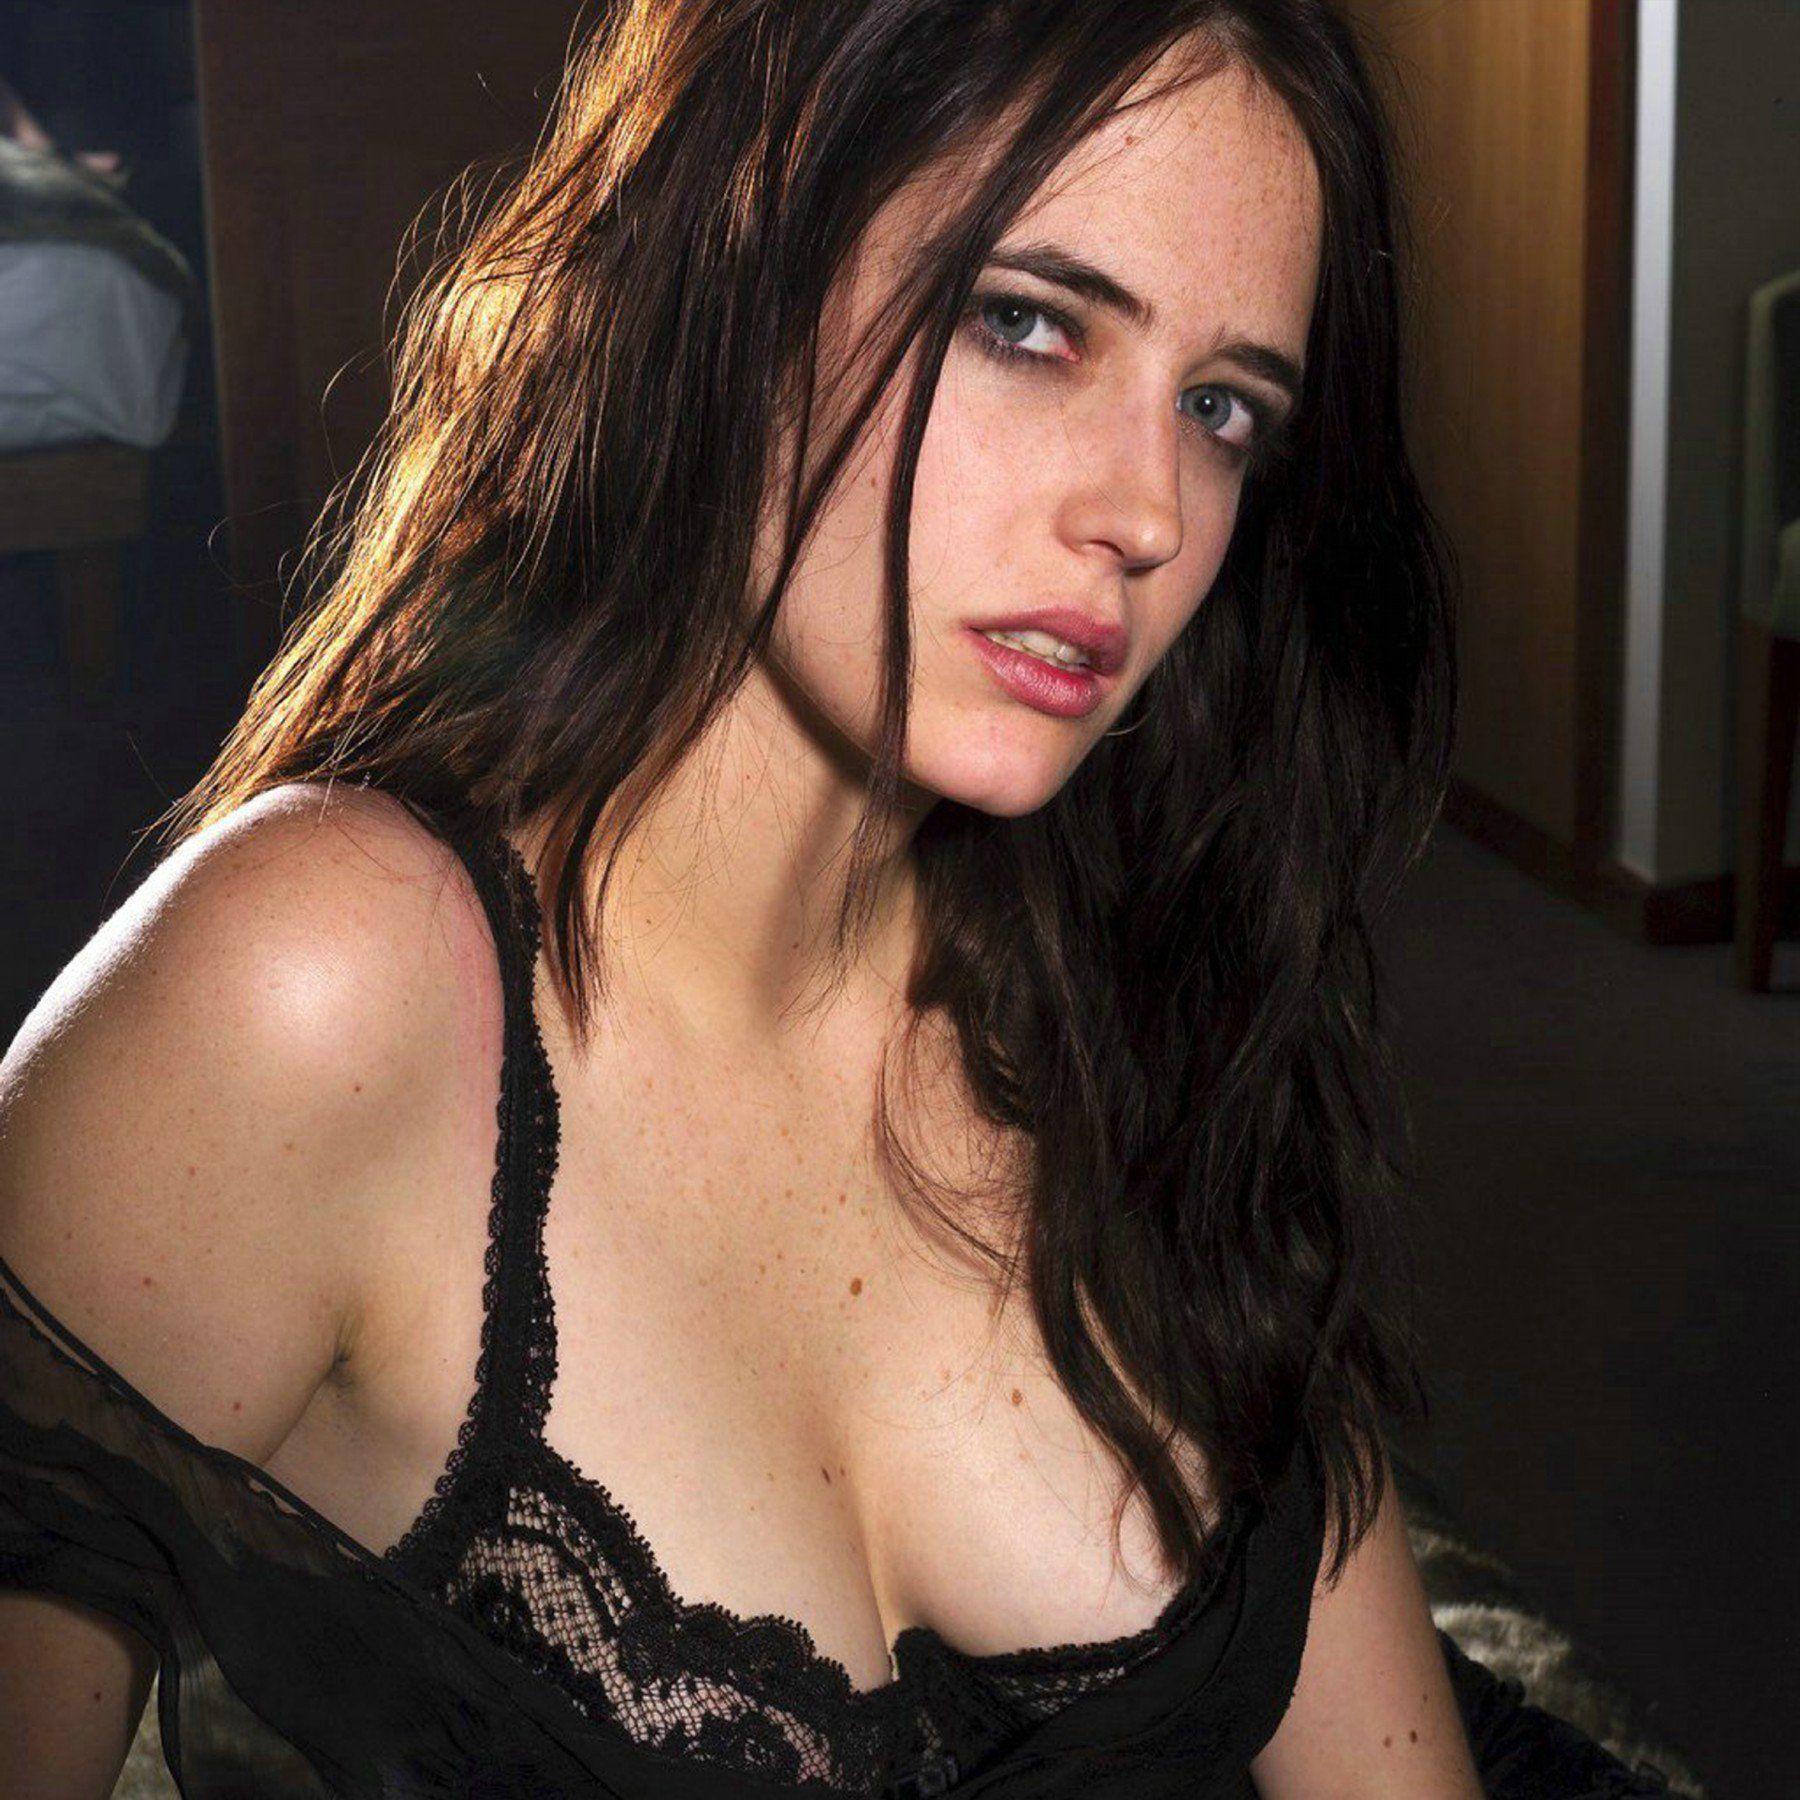 Malaysian fake nude pic